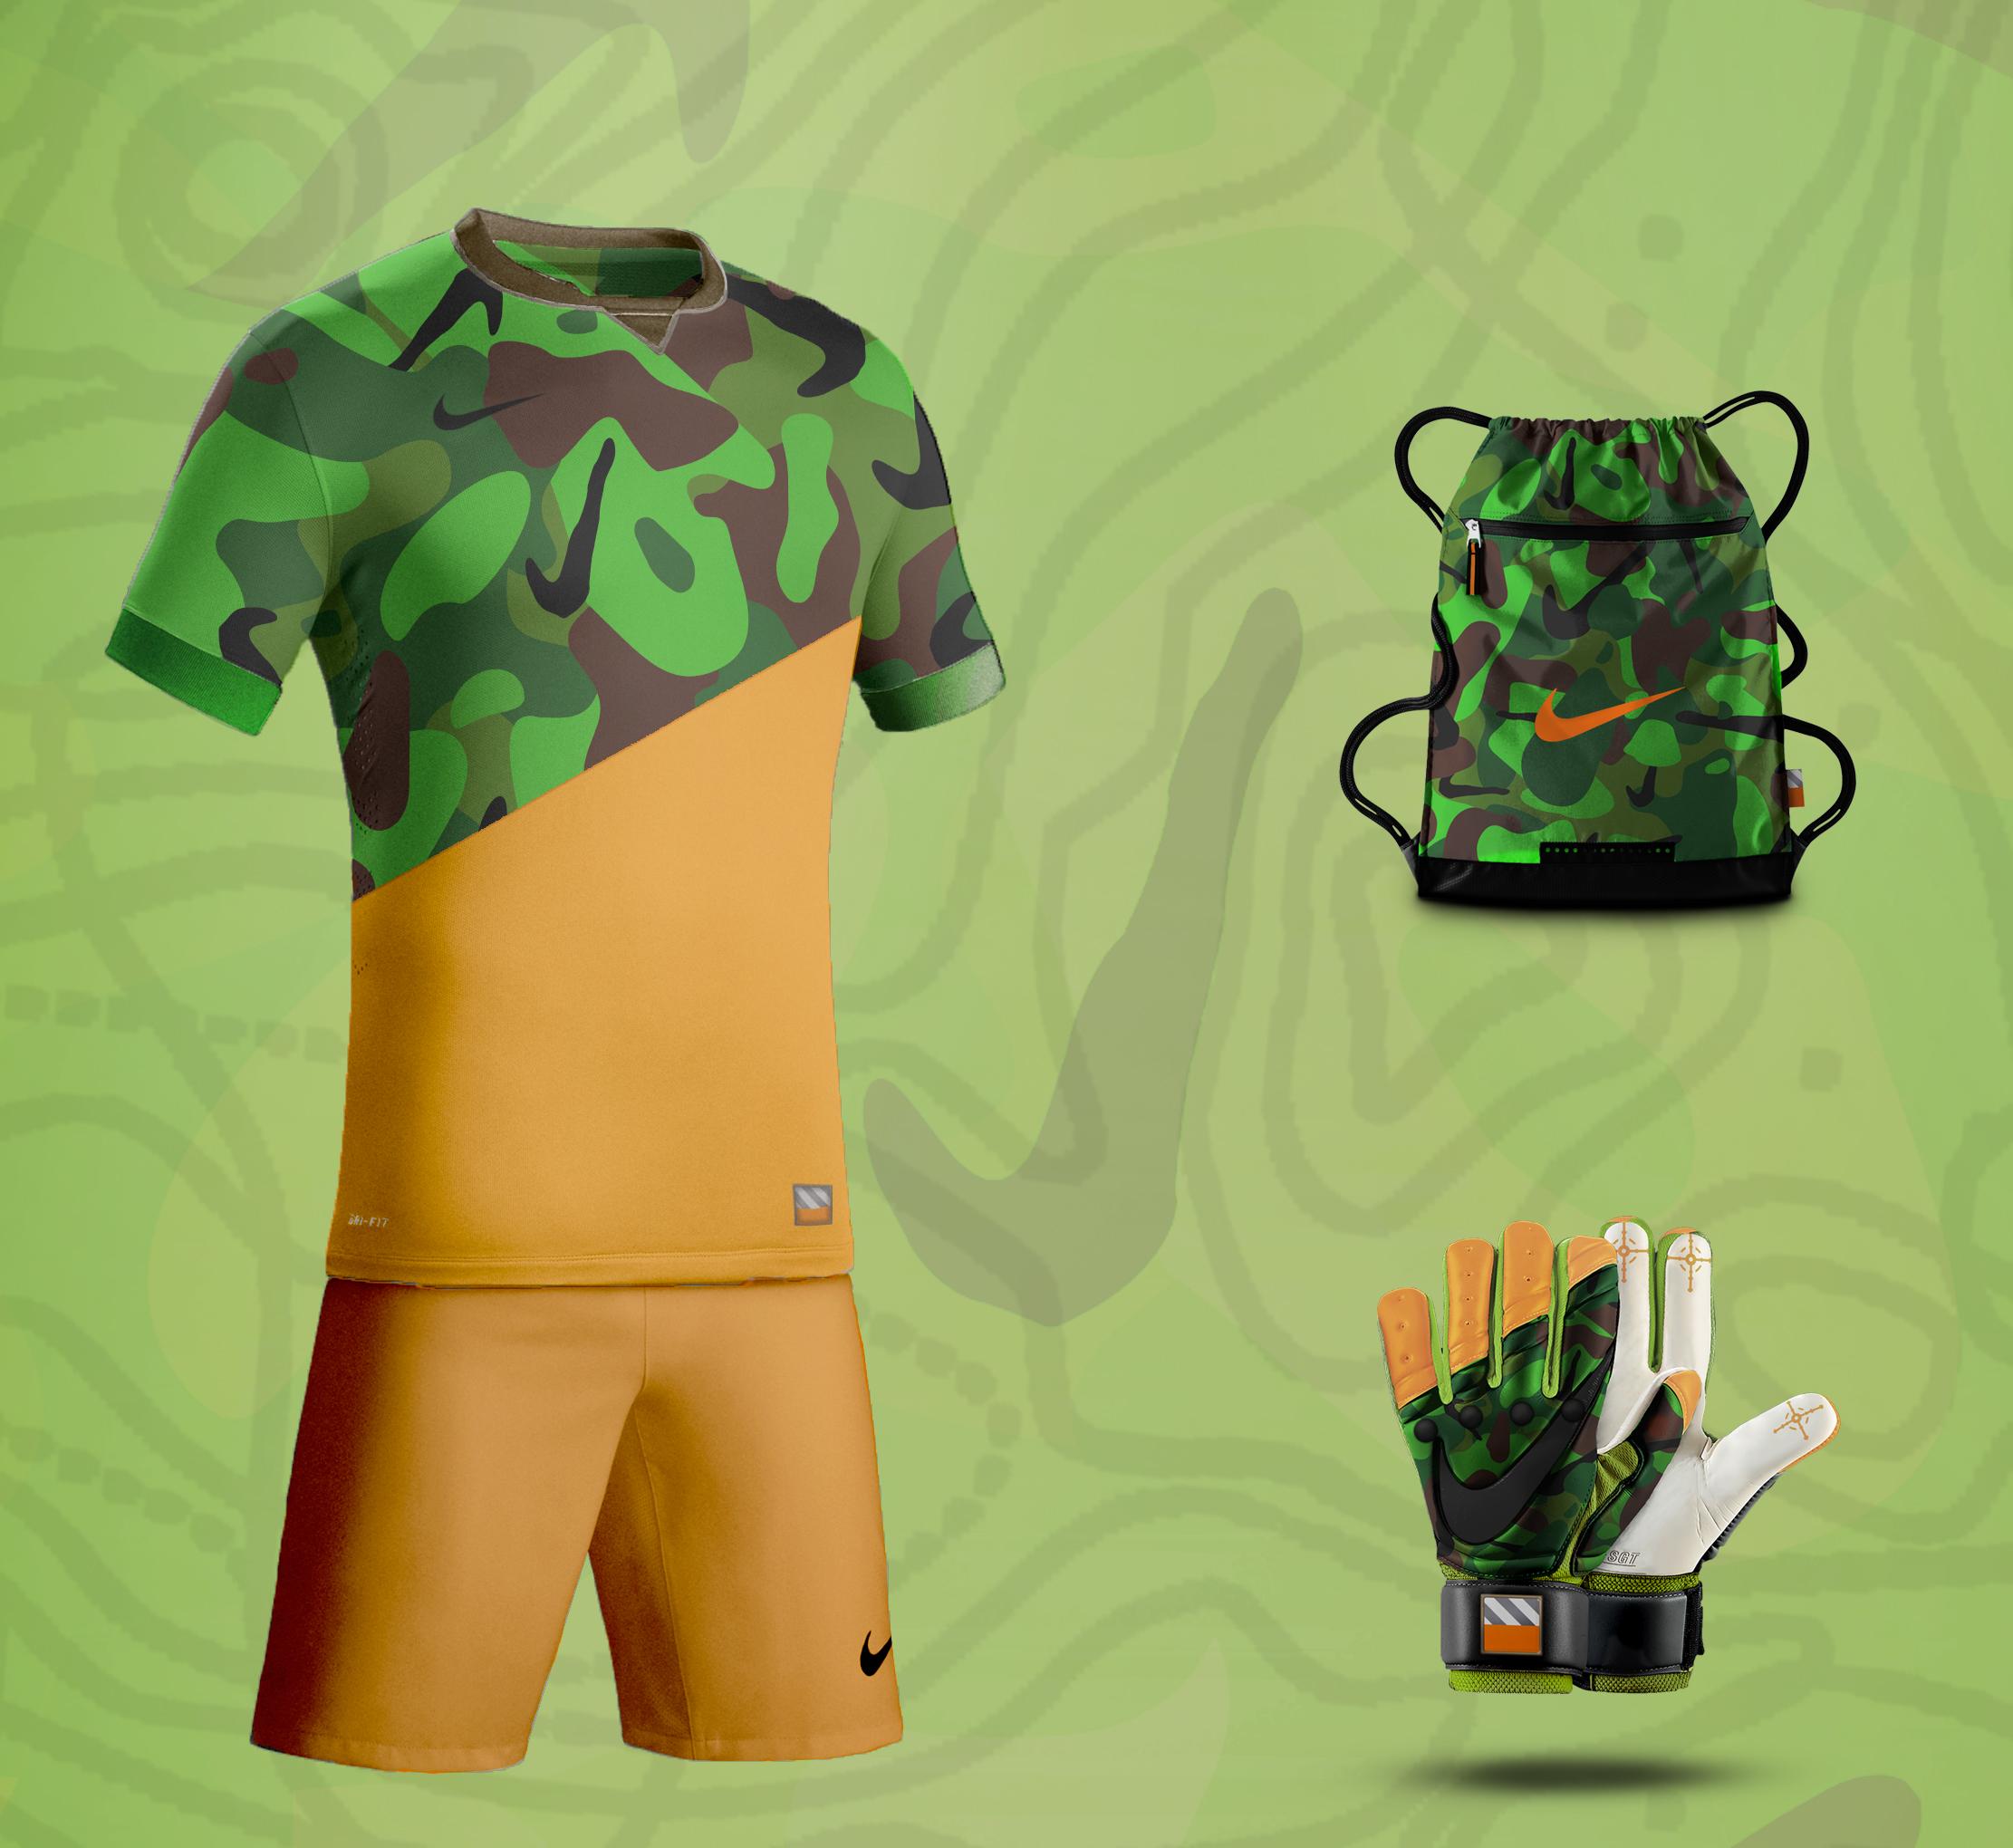 003-01-Nike_Timeline-My_Nike_Pieces-Camo-Gump.jpg